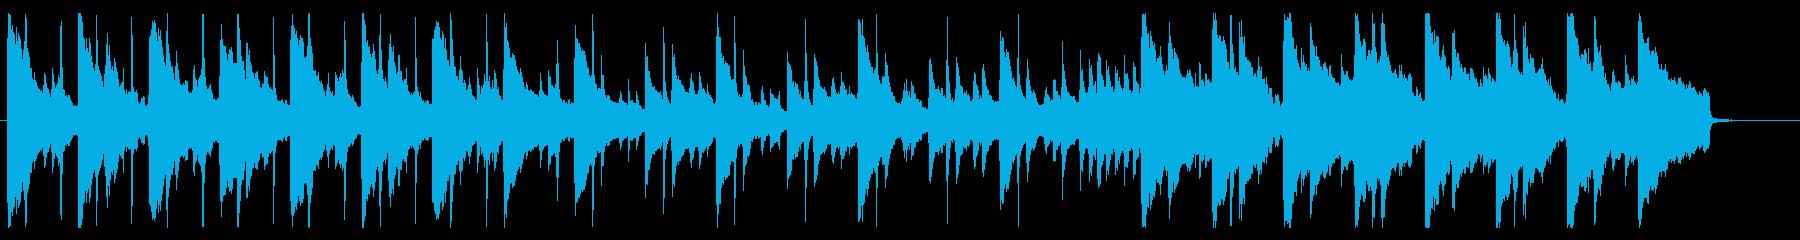 ピアノ主体のほのぼの料理番組的BGMの再生済みの波形